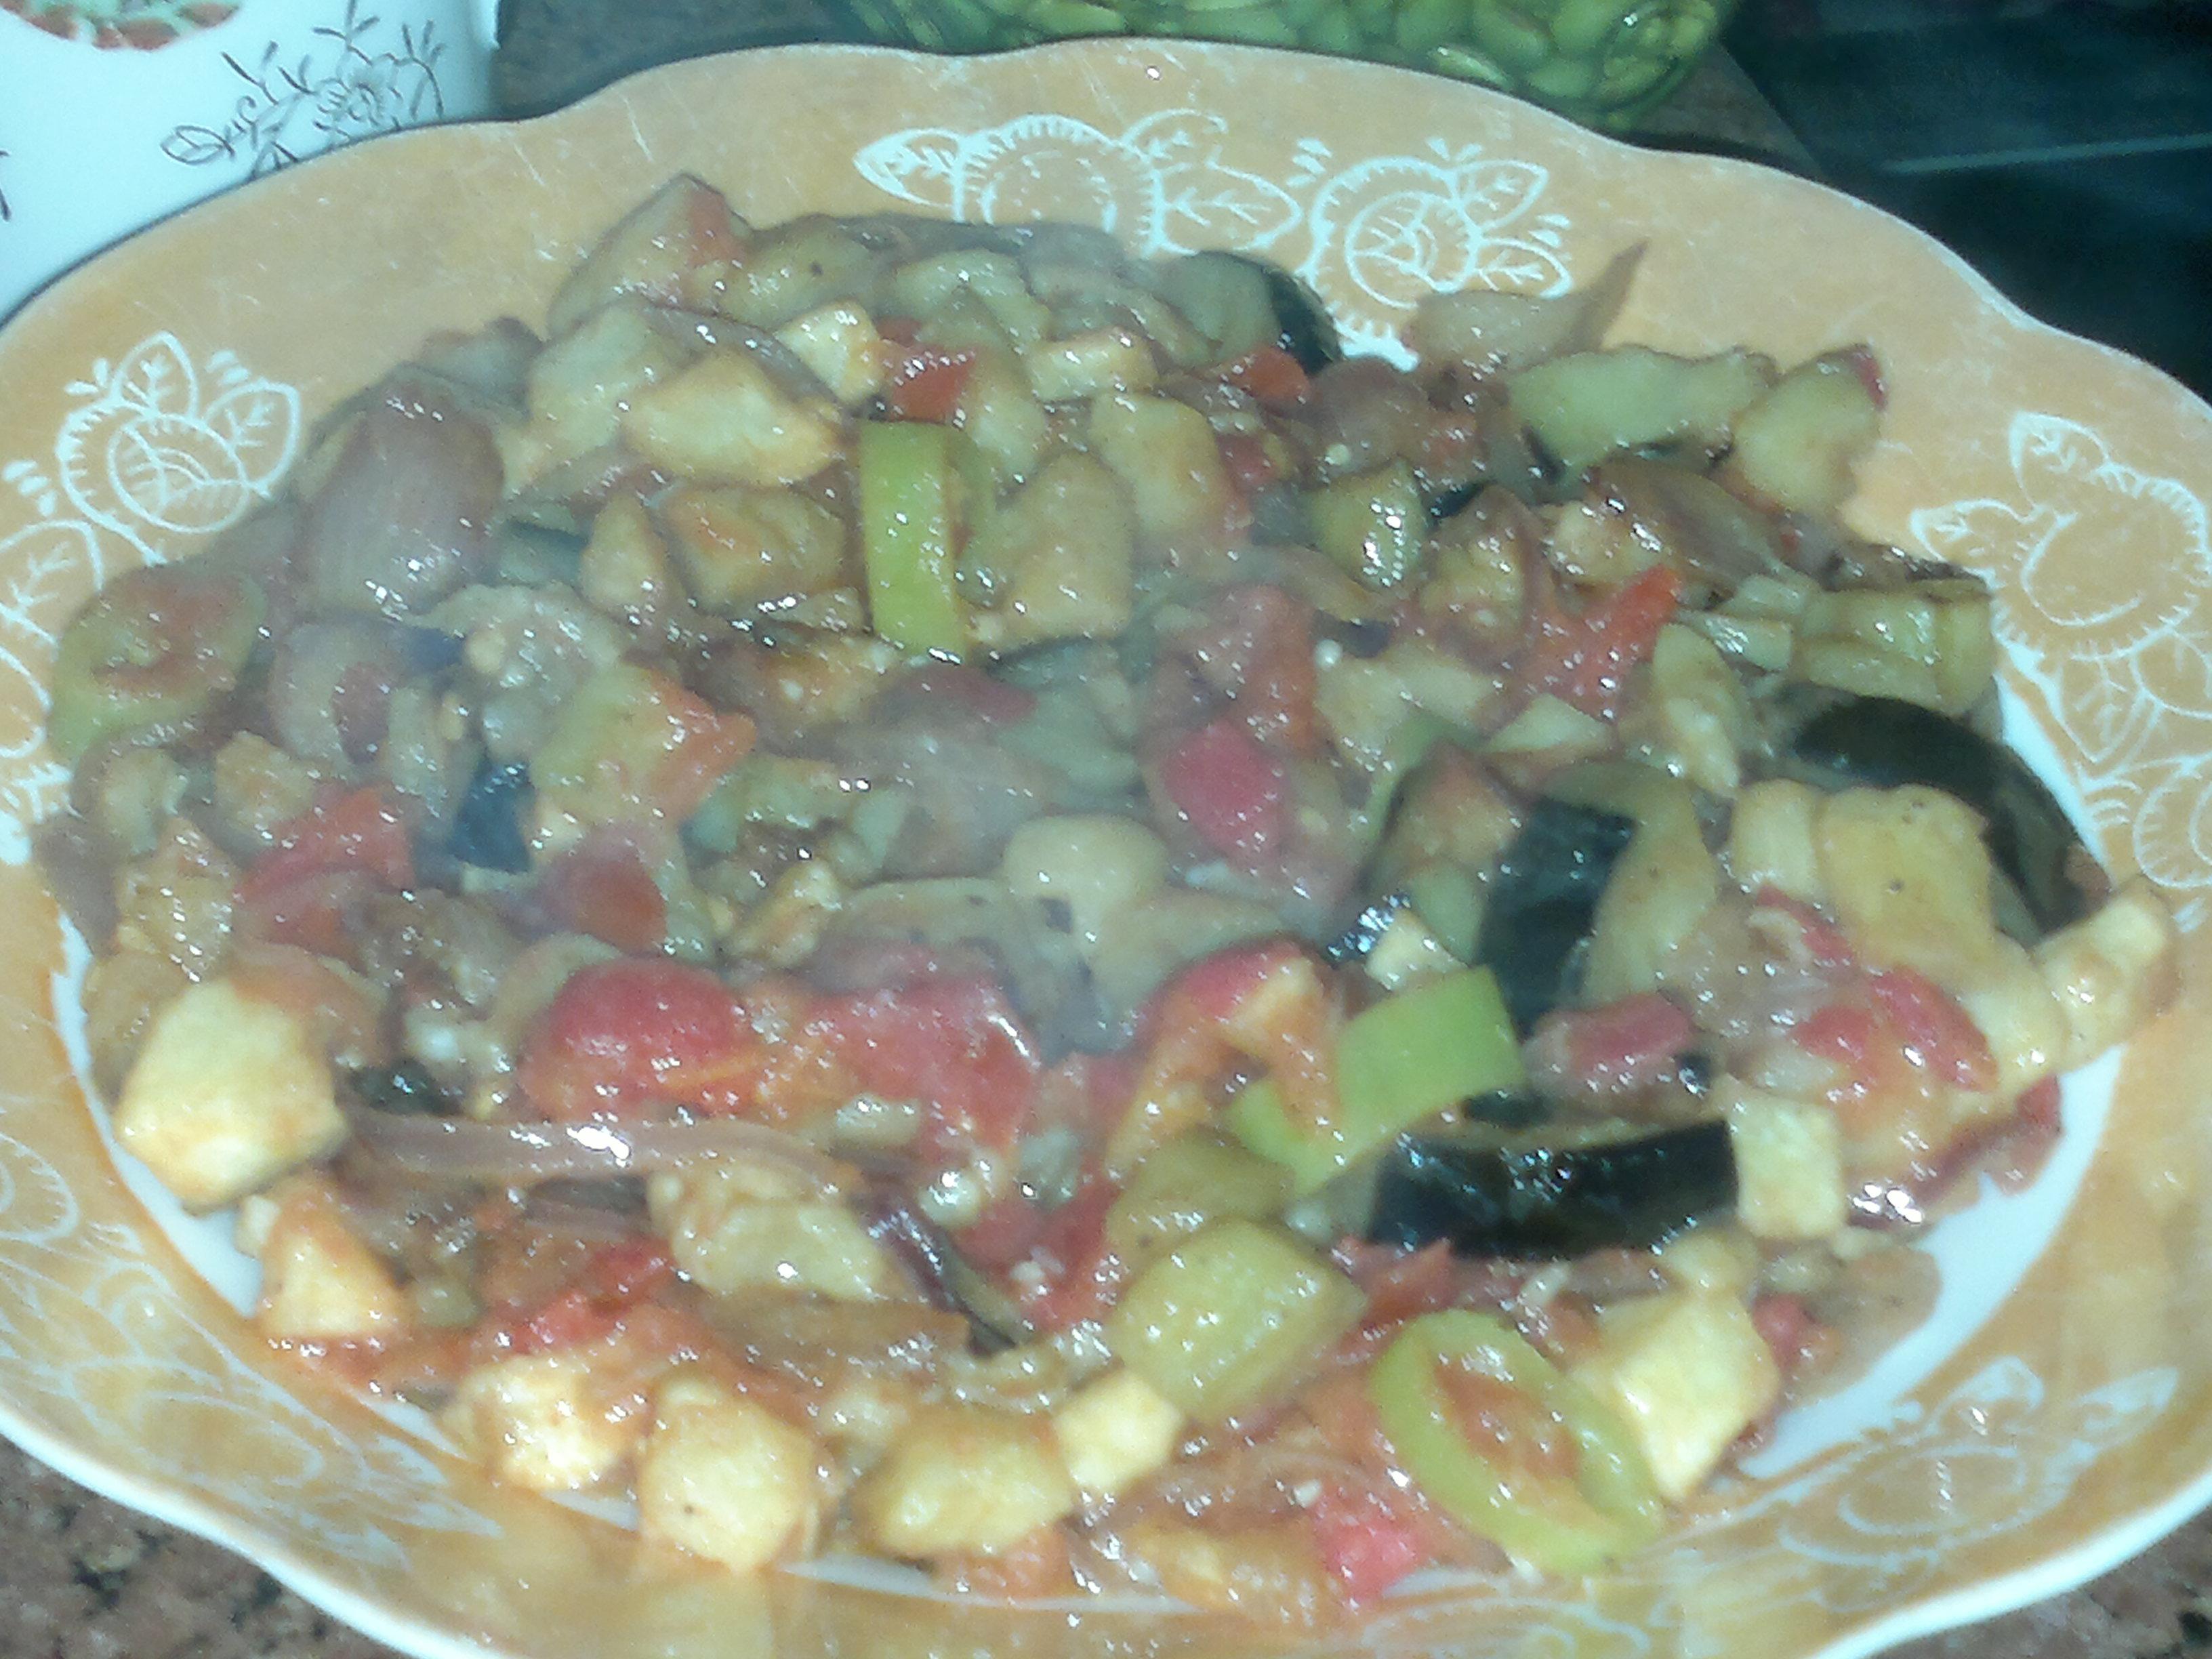 طريقة لتقديم الخضروات من مطبخي 13887060941.jpg